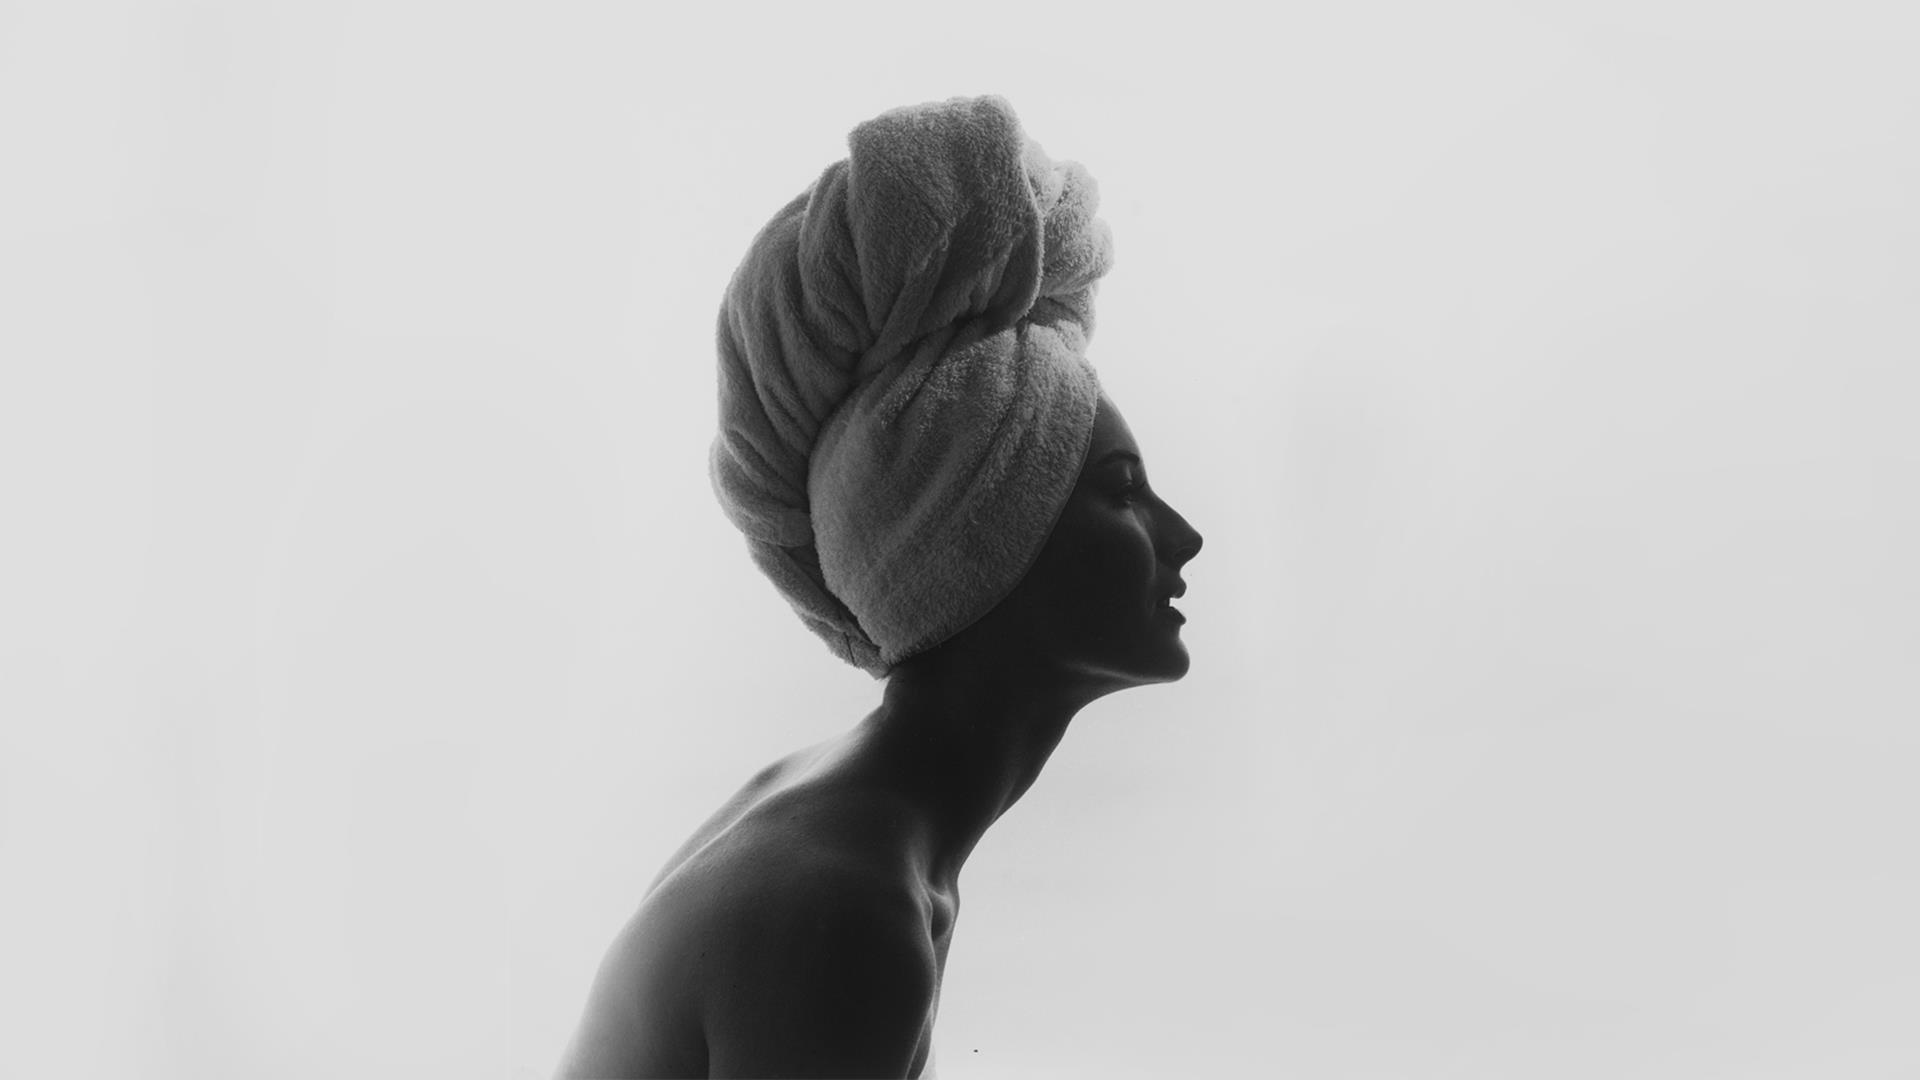 Fotoutställning Fernand Fonssagrives